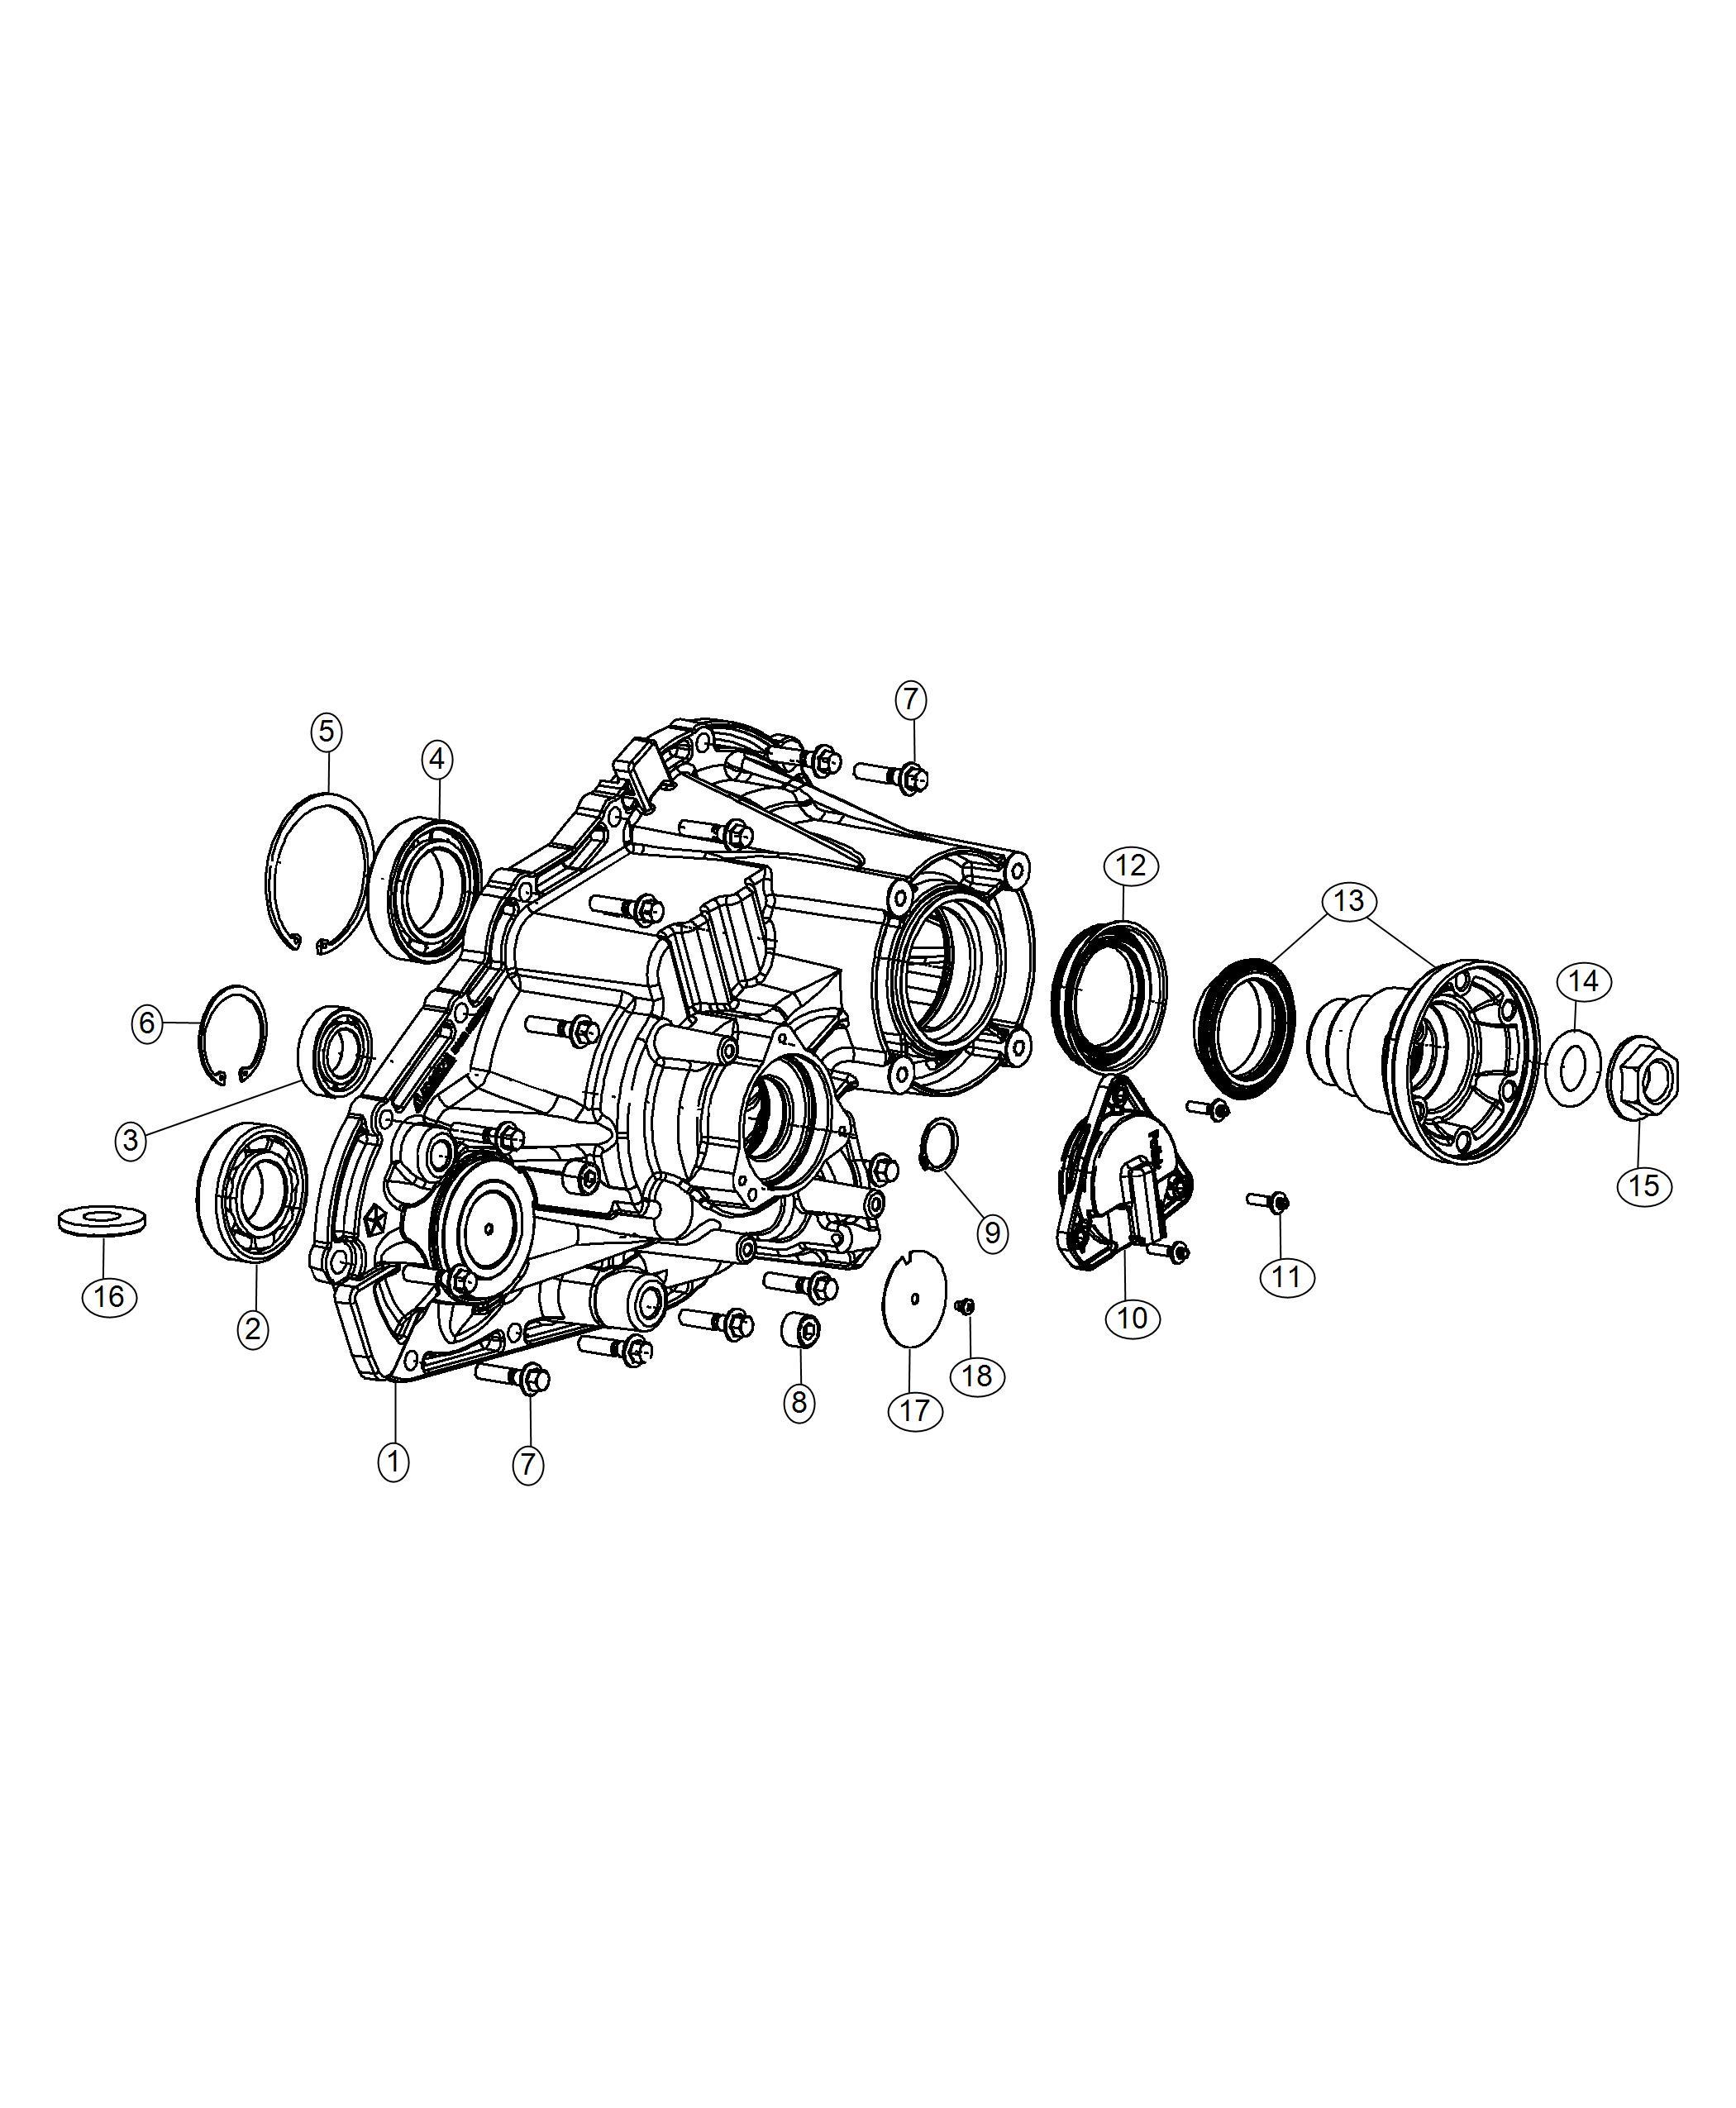 Dodge Durango Case Half Rear Demand Extension Quadra